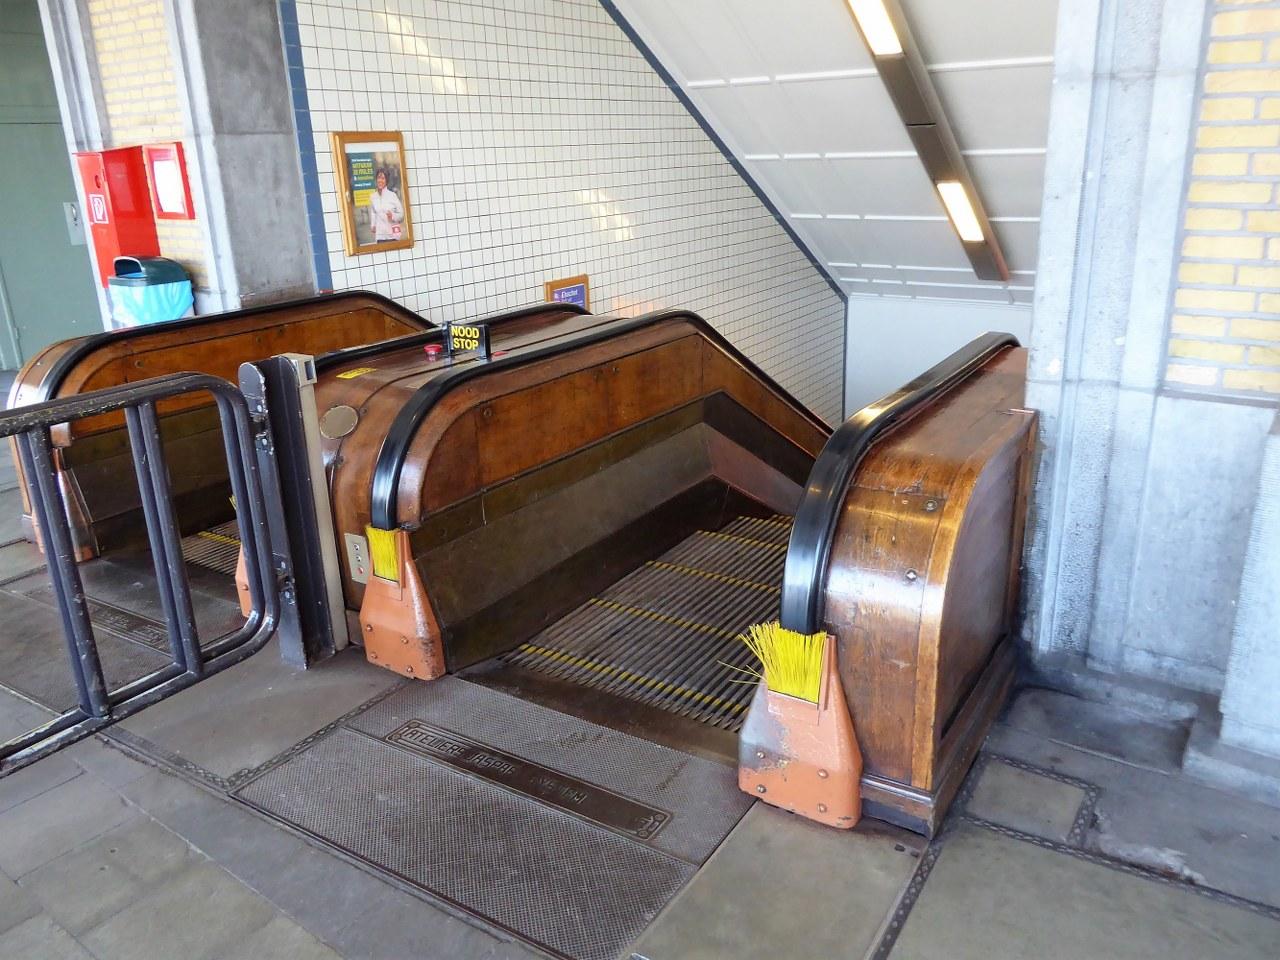 St Anna's Tunnel Antwerp